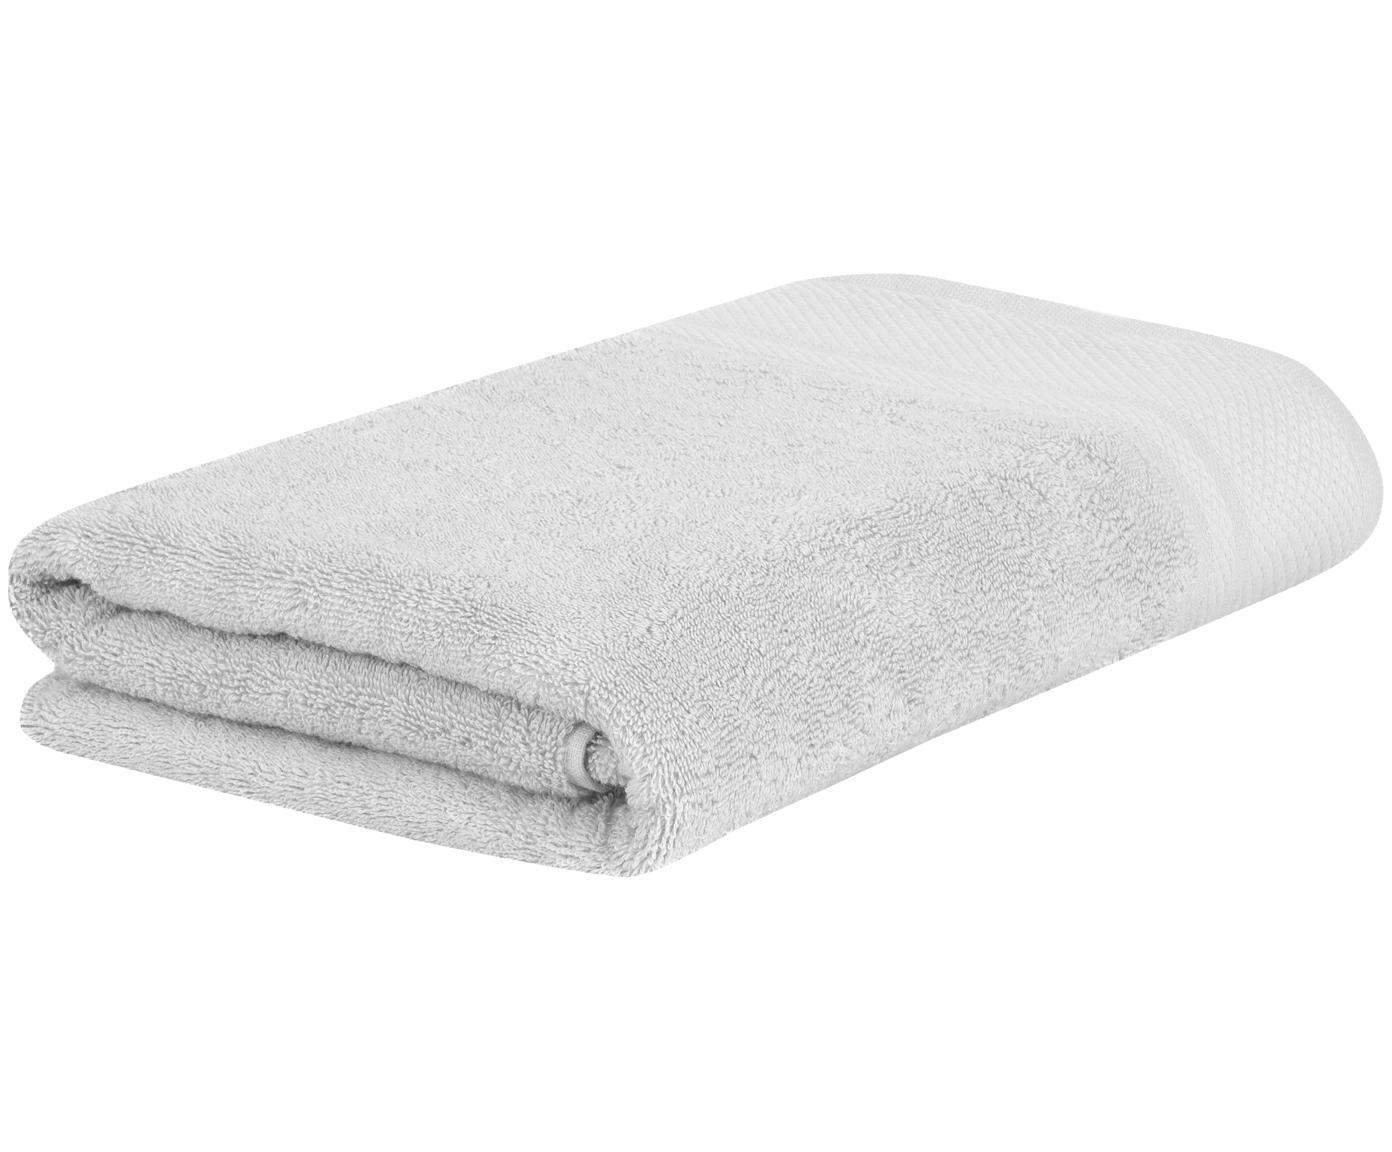 Ręcznik Premium, Jasny szary, Ręcznik dla gości XS